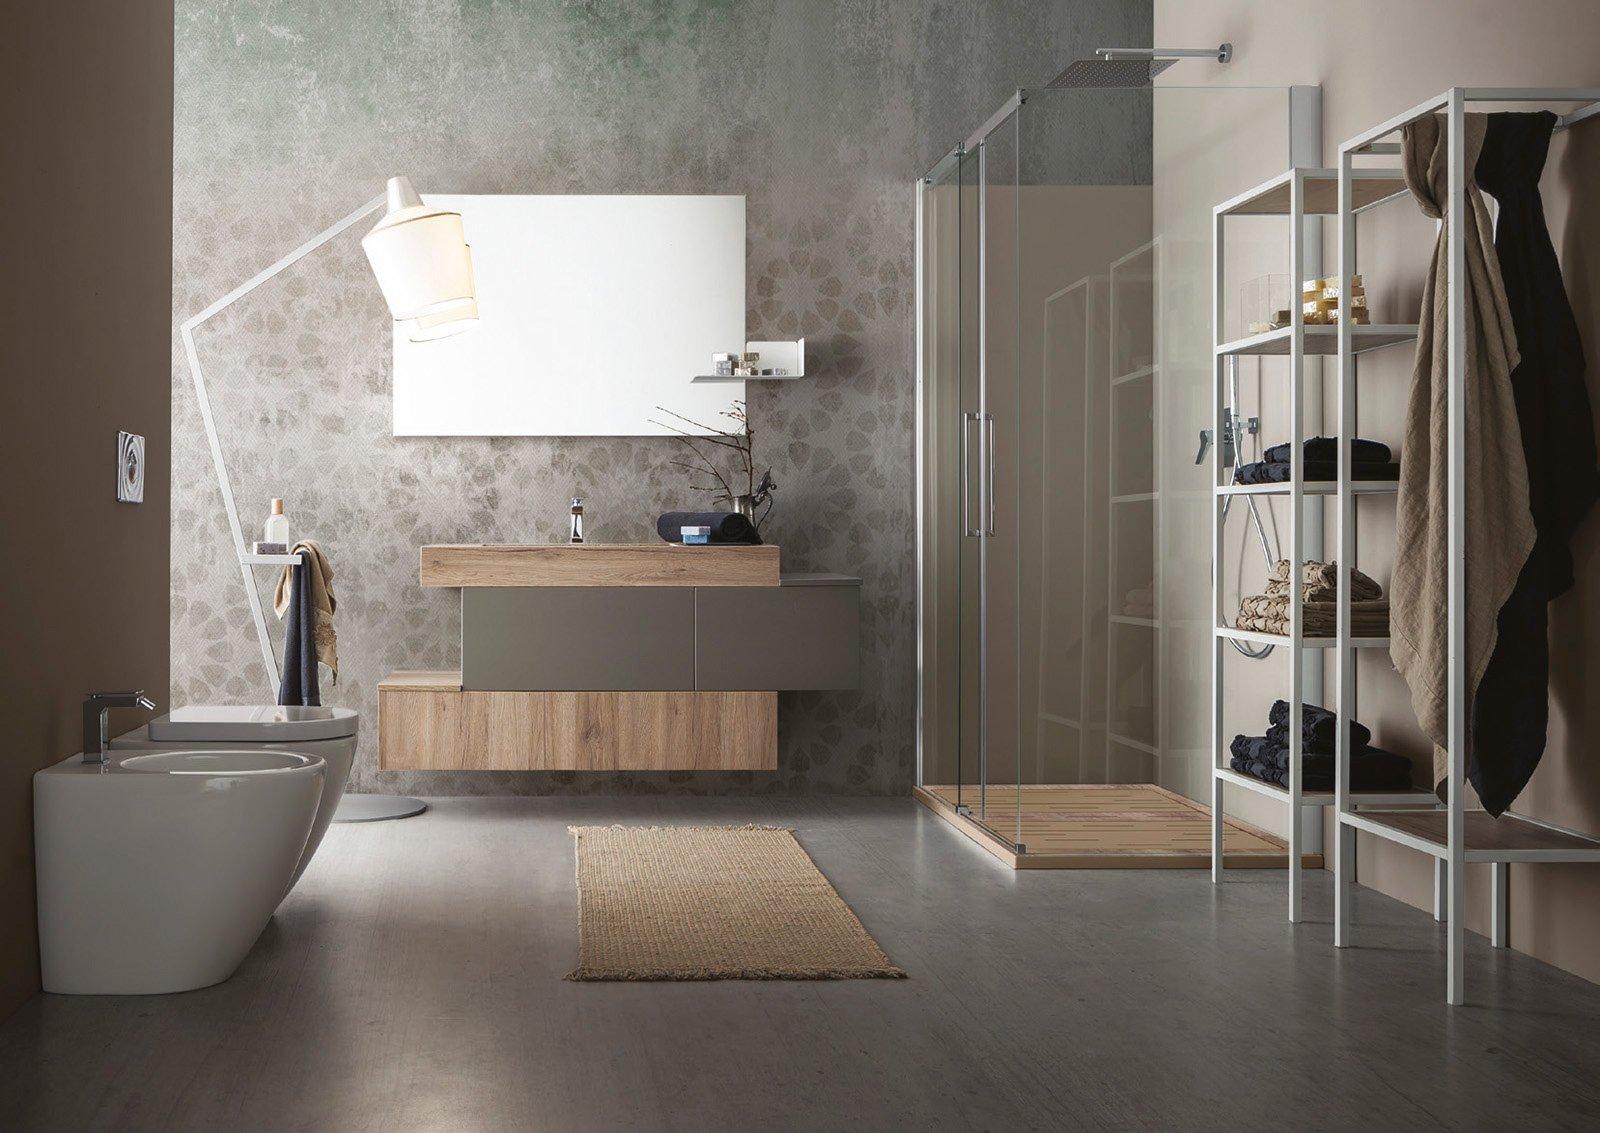 Un bagno completo con il nuovo progetto firmato cerasa cose di casa - Bagno di casa ...